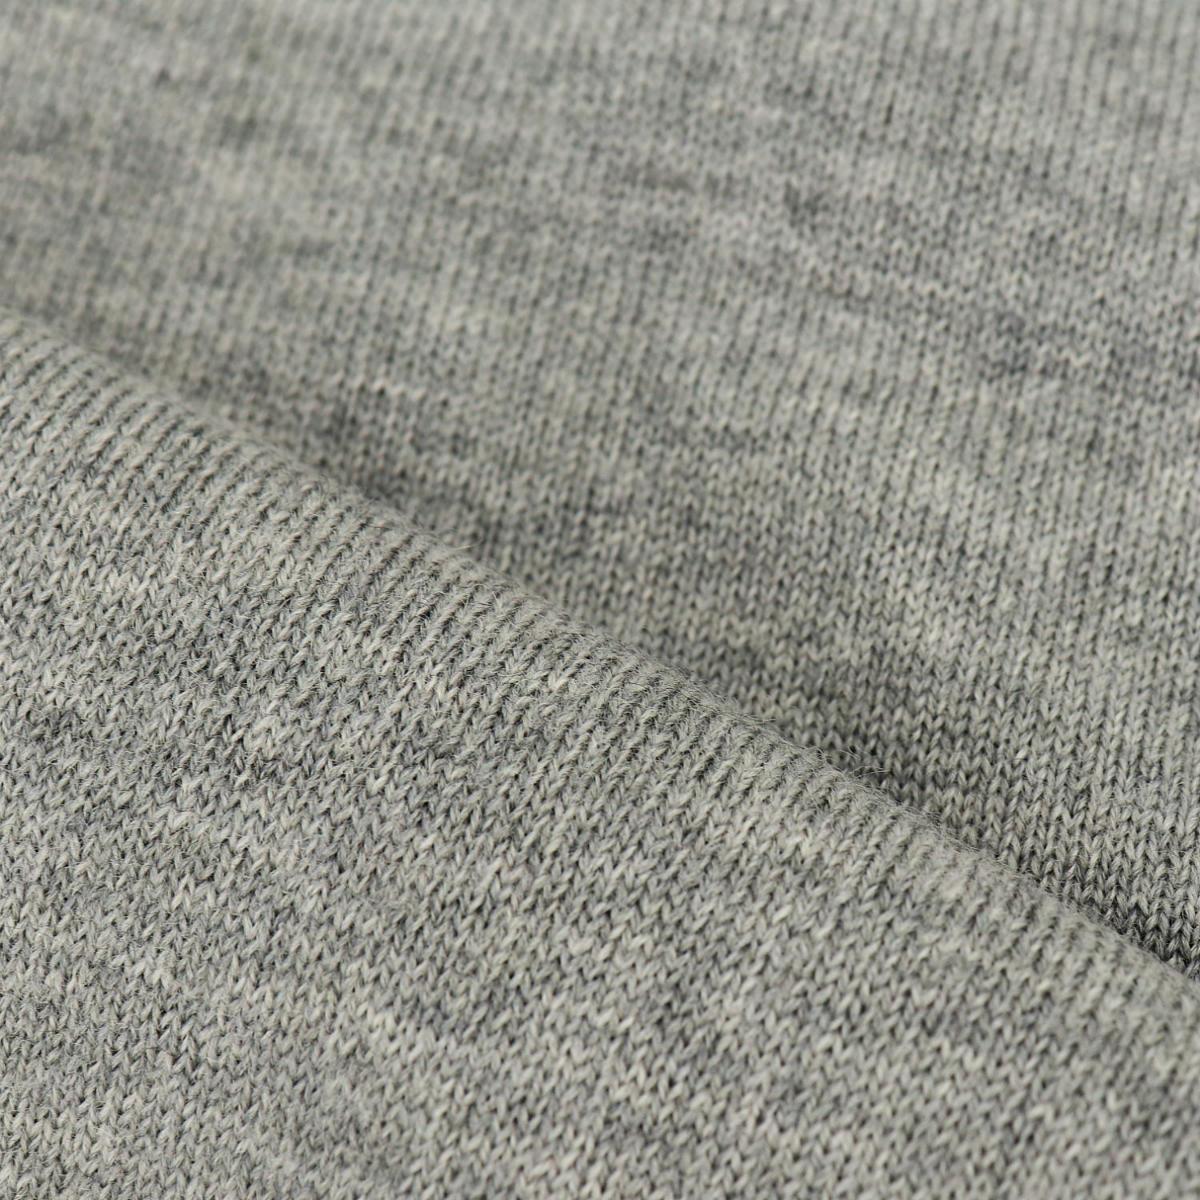 ウール 12G タートルネックセーター SL190001 GRAY(グレー)